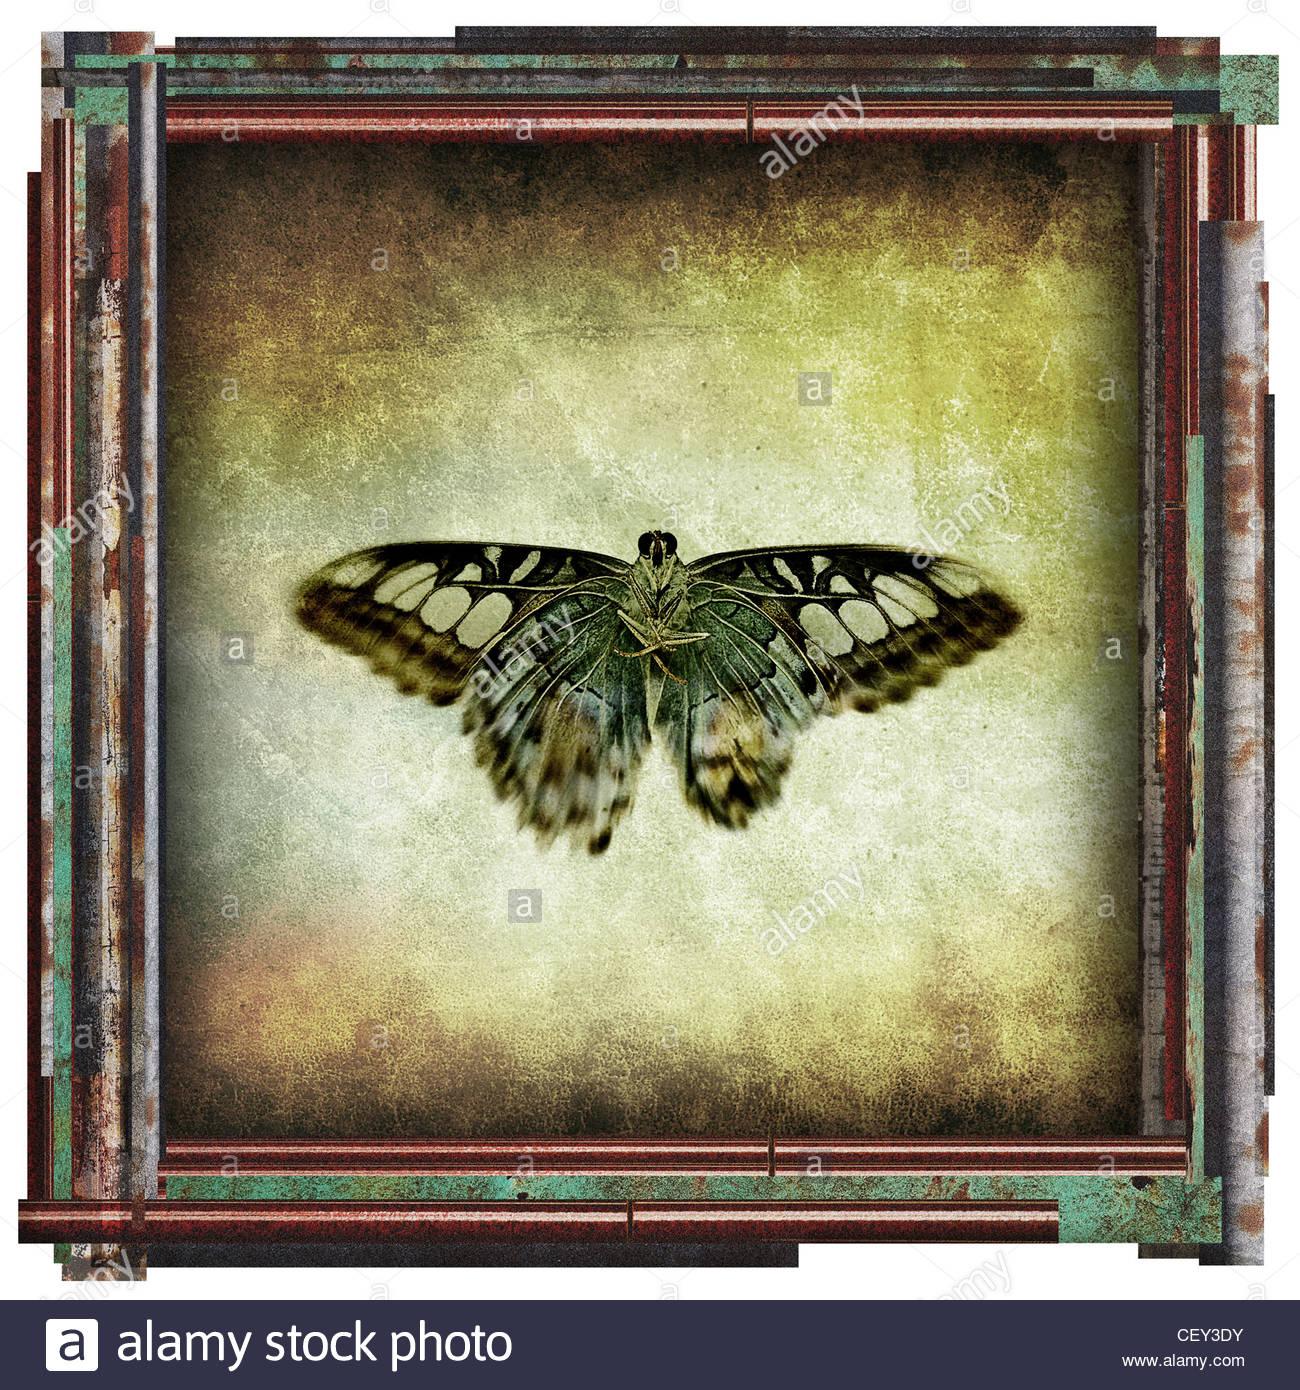 Schmetterling-Bild Stockbild